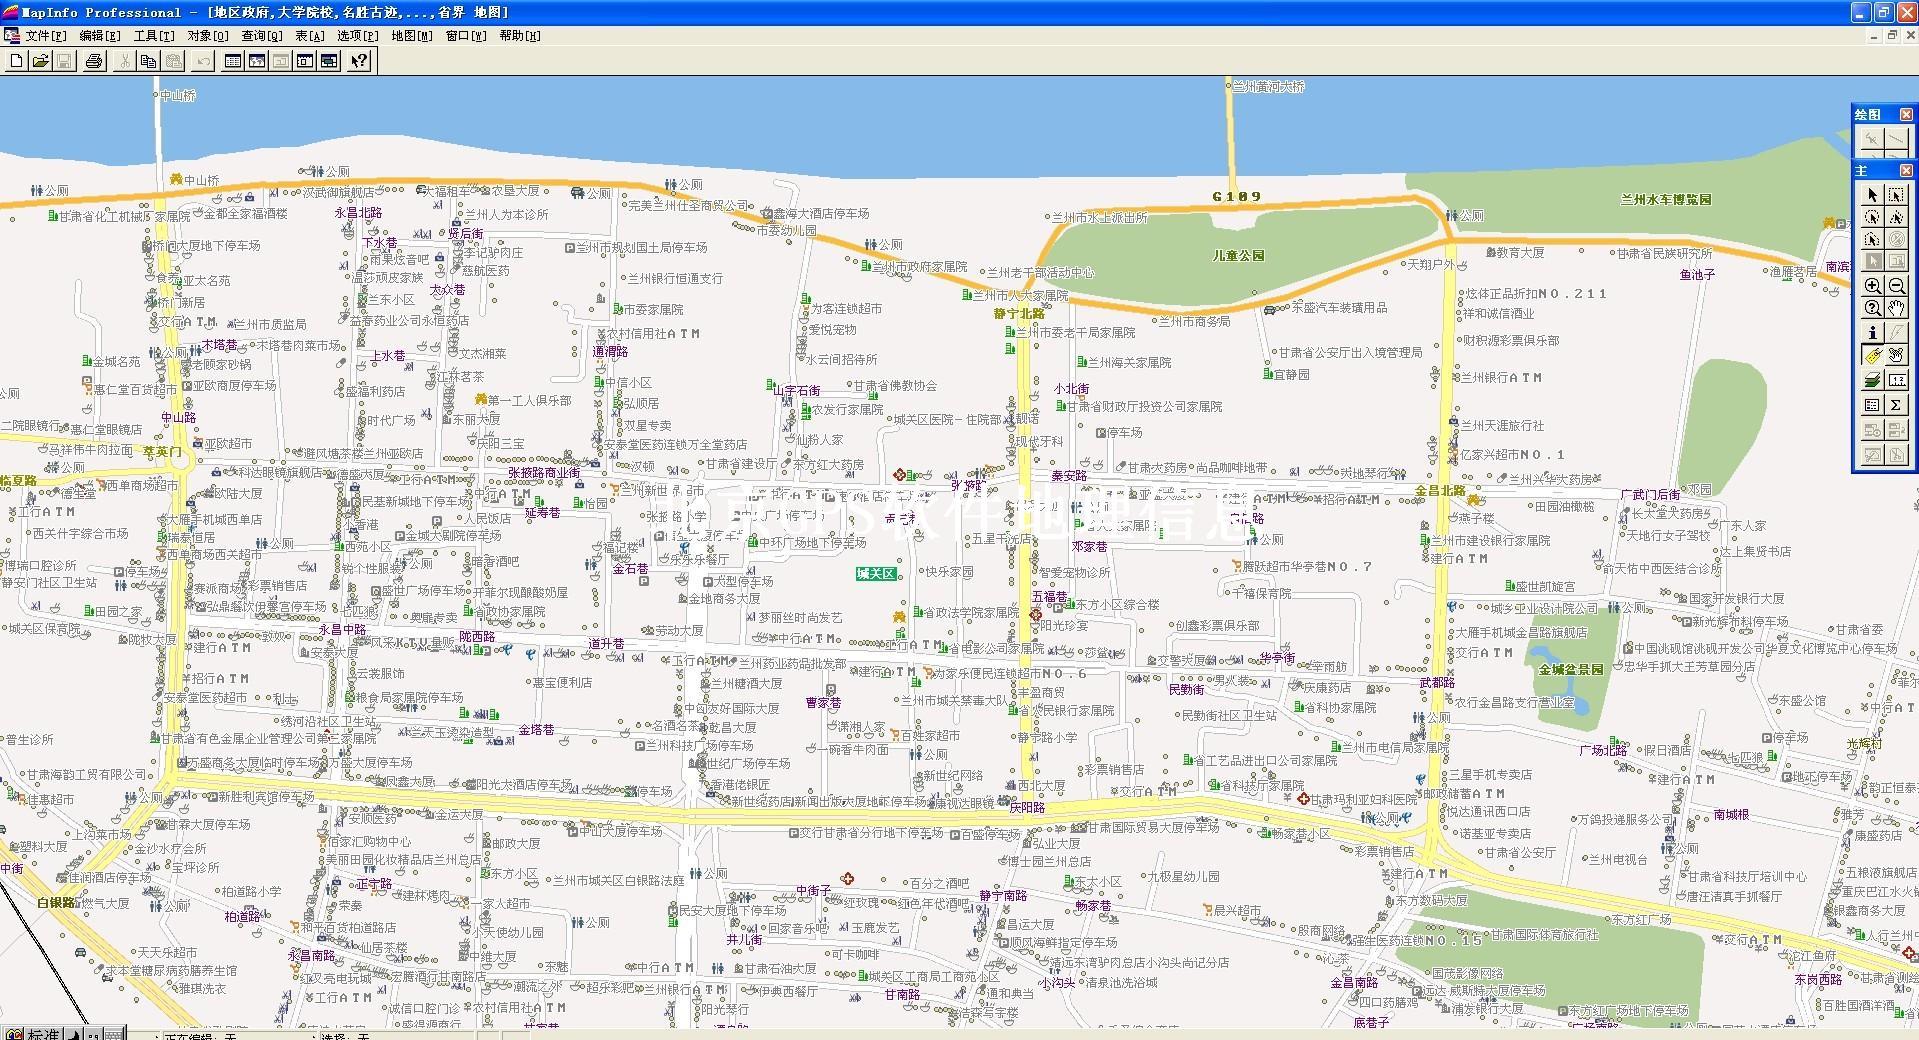 2012年兰州市mapinfo格式电子地图